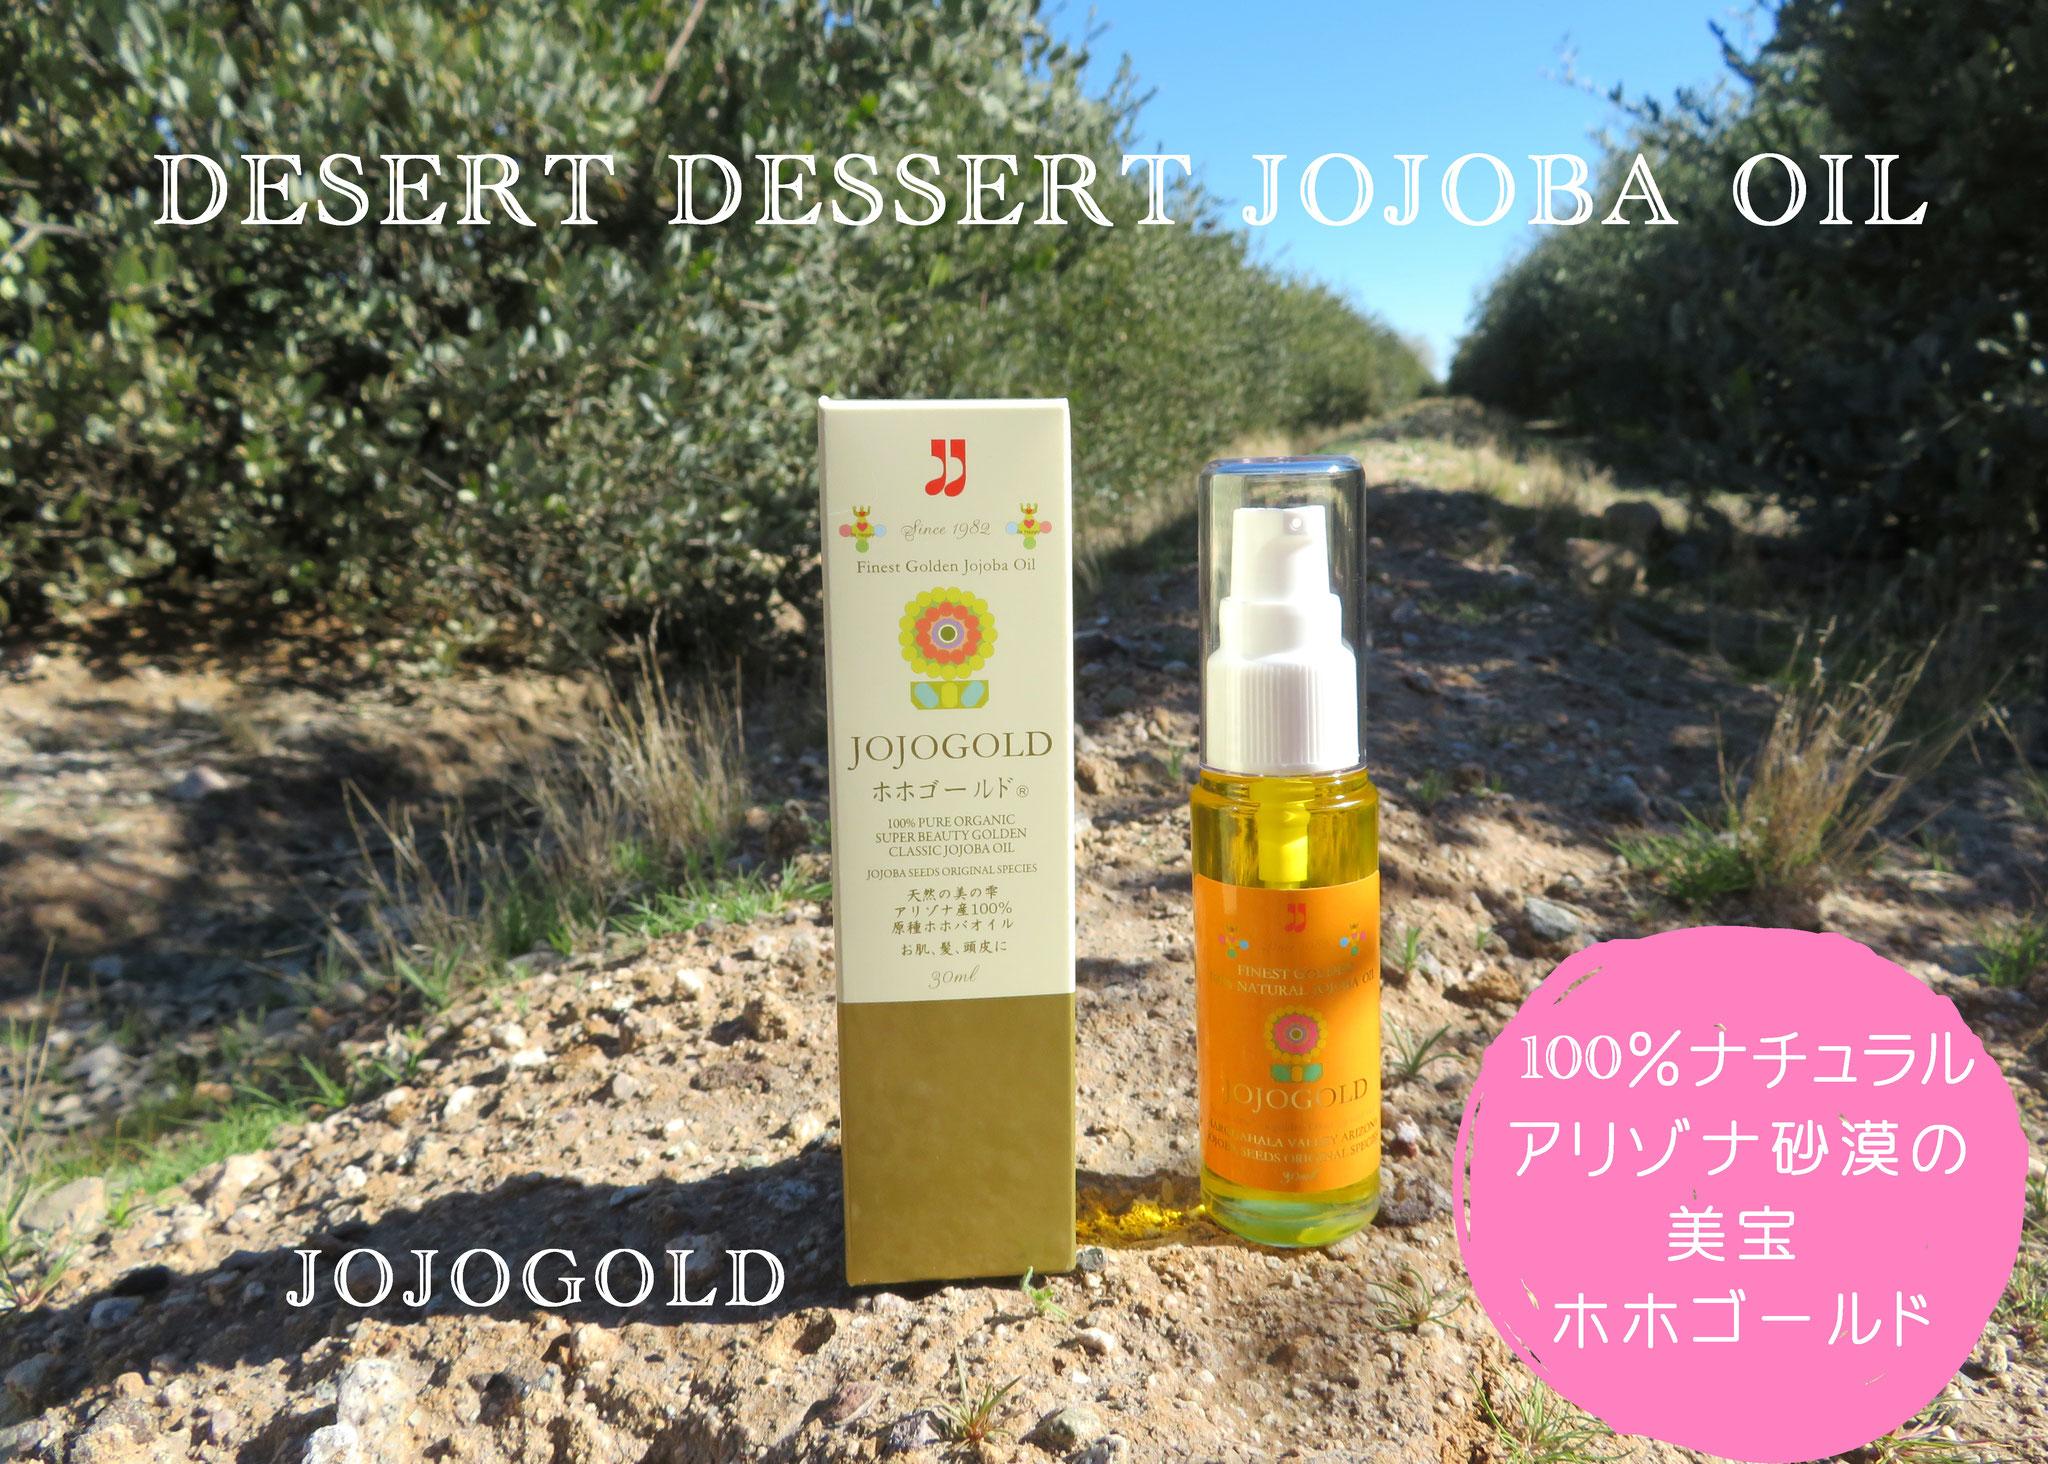 ♔ DESERT DESSERT 100% NATURAL JOJOBA OIL JOJOGOLD アリゾナ砂漠の神秘の植物 原種ホホバの美宝100%ナチュラルホホバオイル